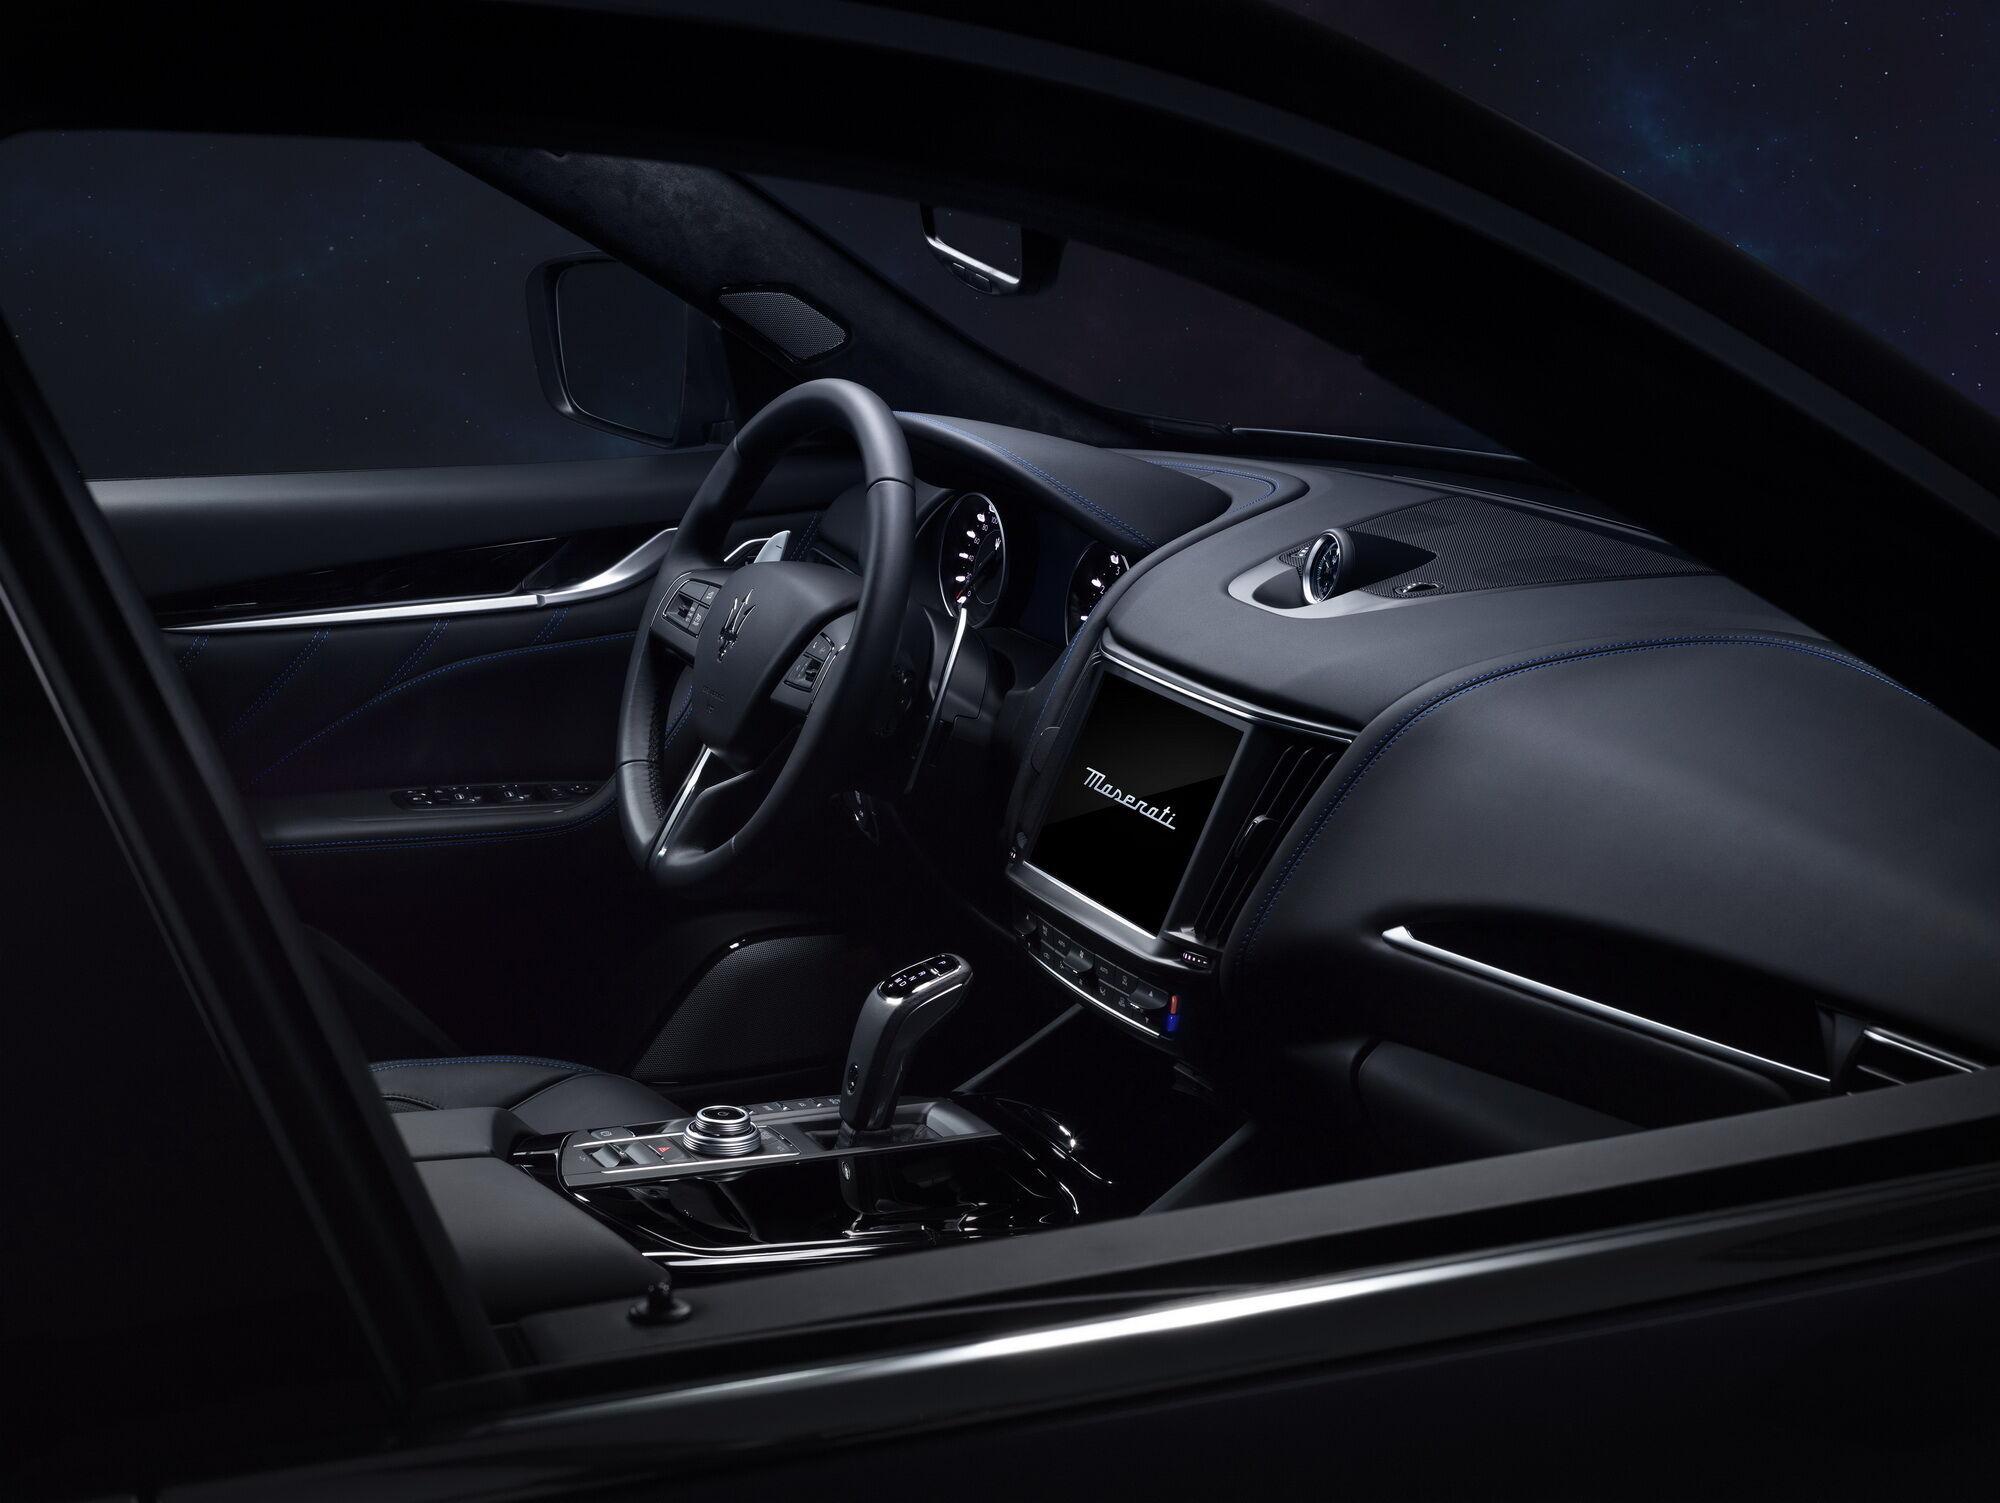 Мультимедійна система Maserati Intelligent Assistant нового покоління працює на програмному забезпеченні Android Automotive